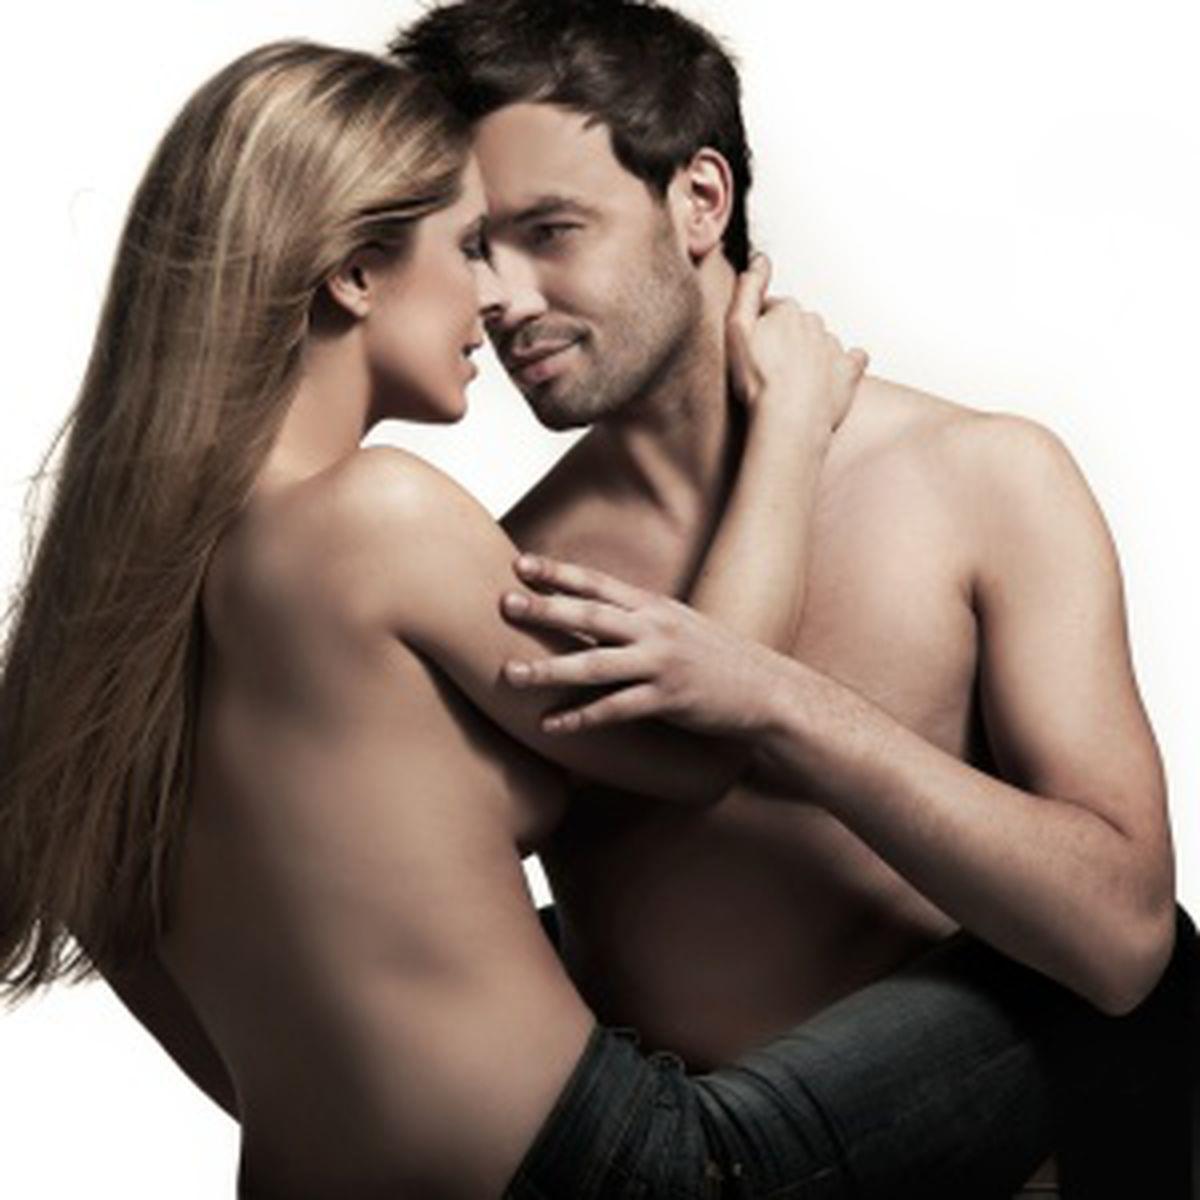 6 lucruri care taie pofta de sex femeilor - CSID: Ce se întâmplă Doctore?